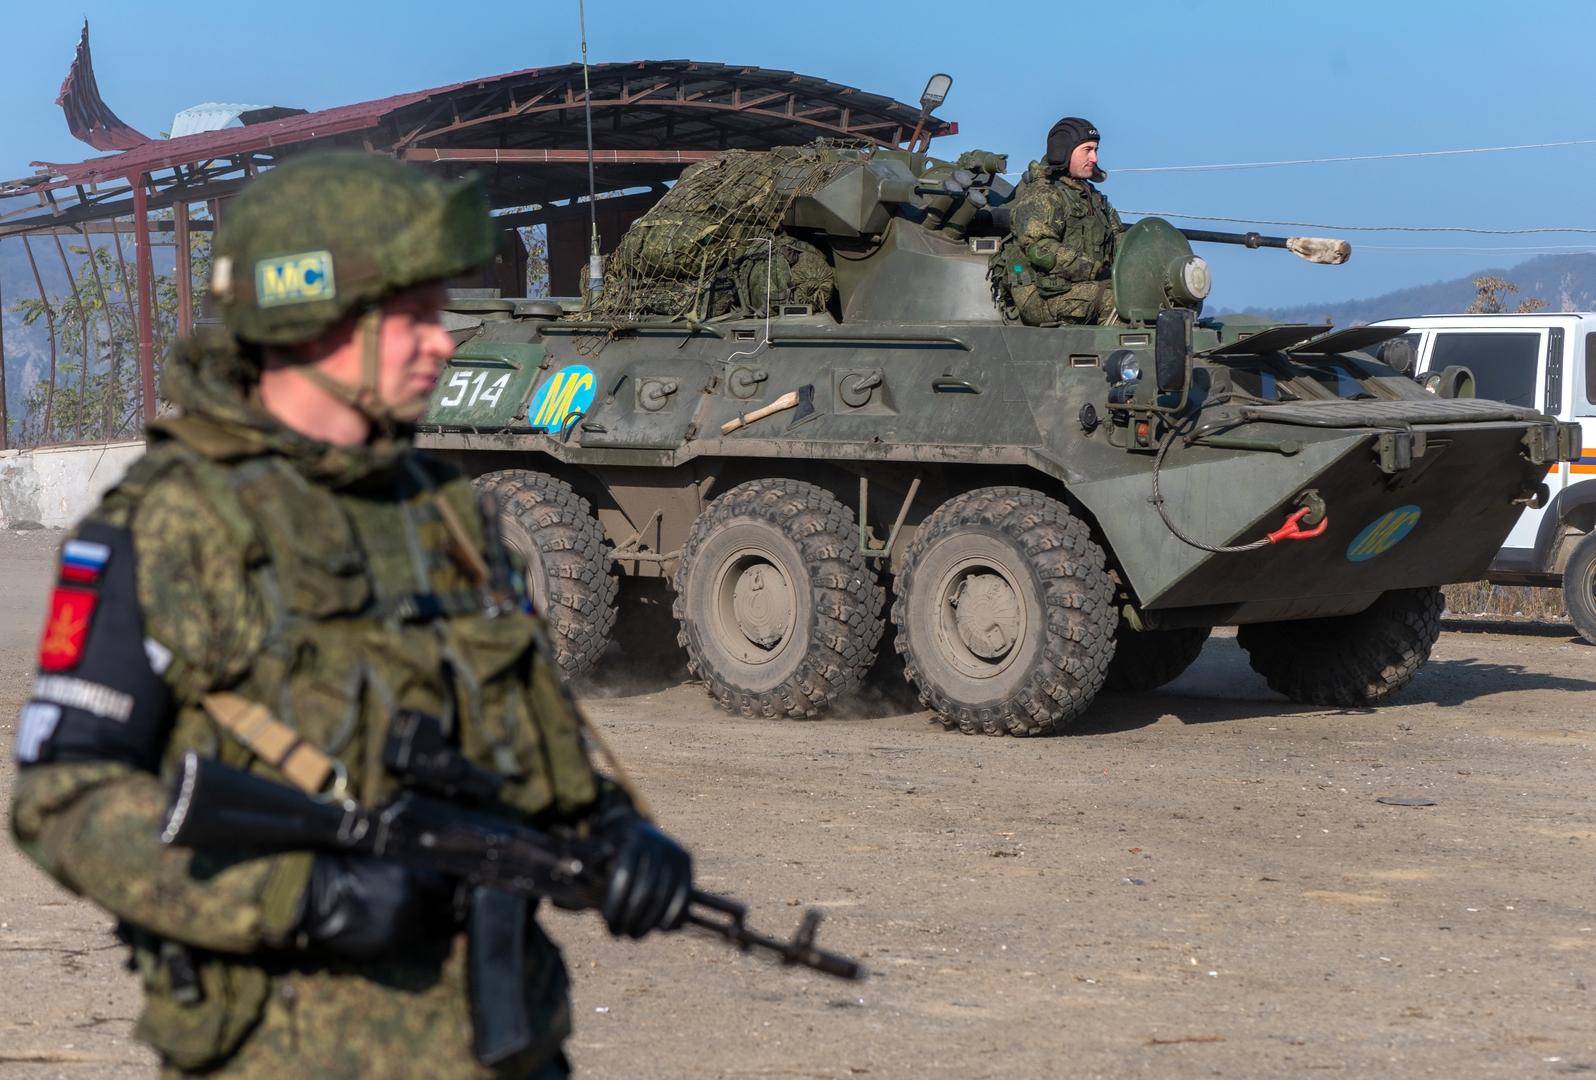 الدفاع الروسية: طيران الوزارة نفذ نحو 200 رحلة لنقل أفراد قوات حفظ السلام إلى قره باغ